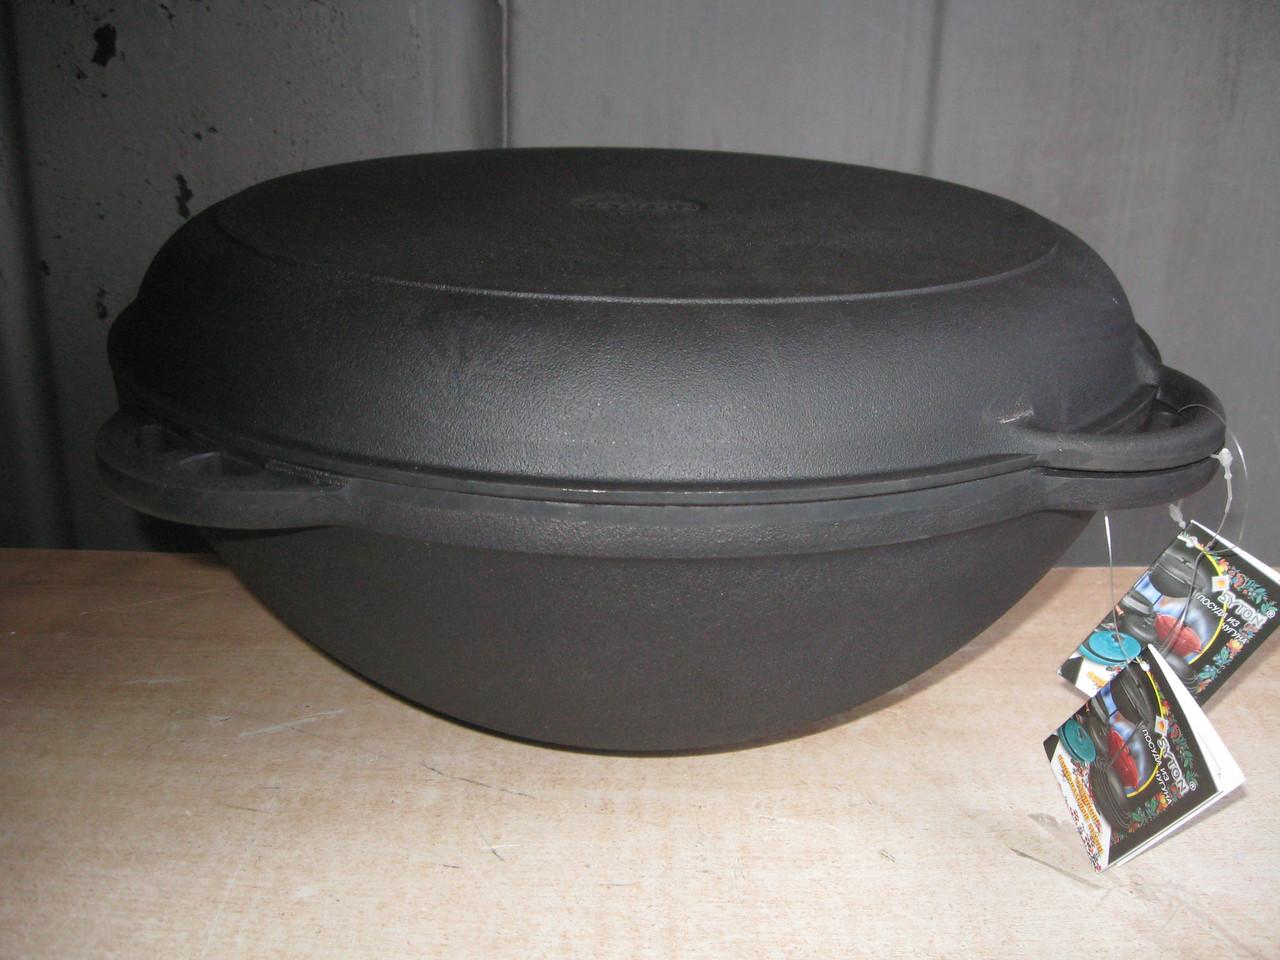 Казан чугунный азиатский, эмалированный , с чугунной крышкой-сковородой. Объем 17 литров.